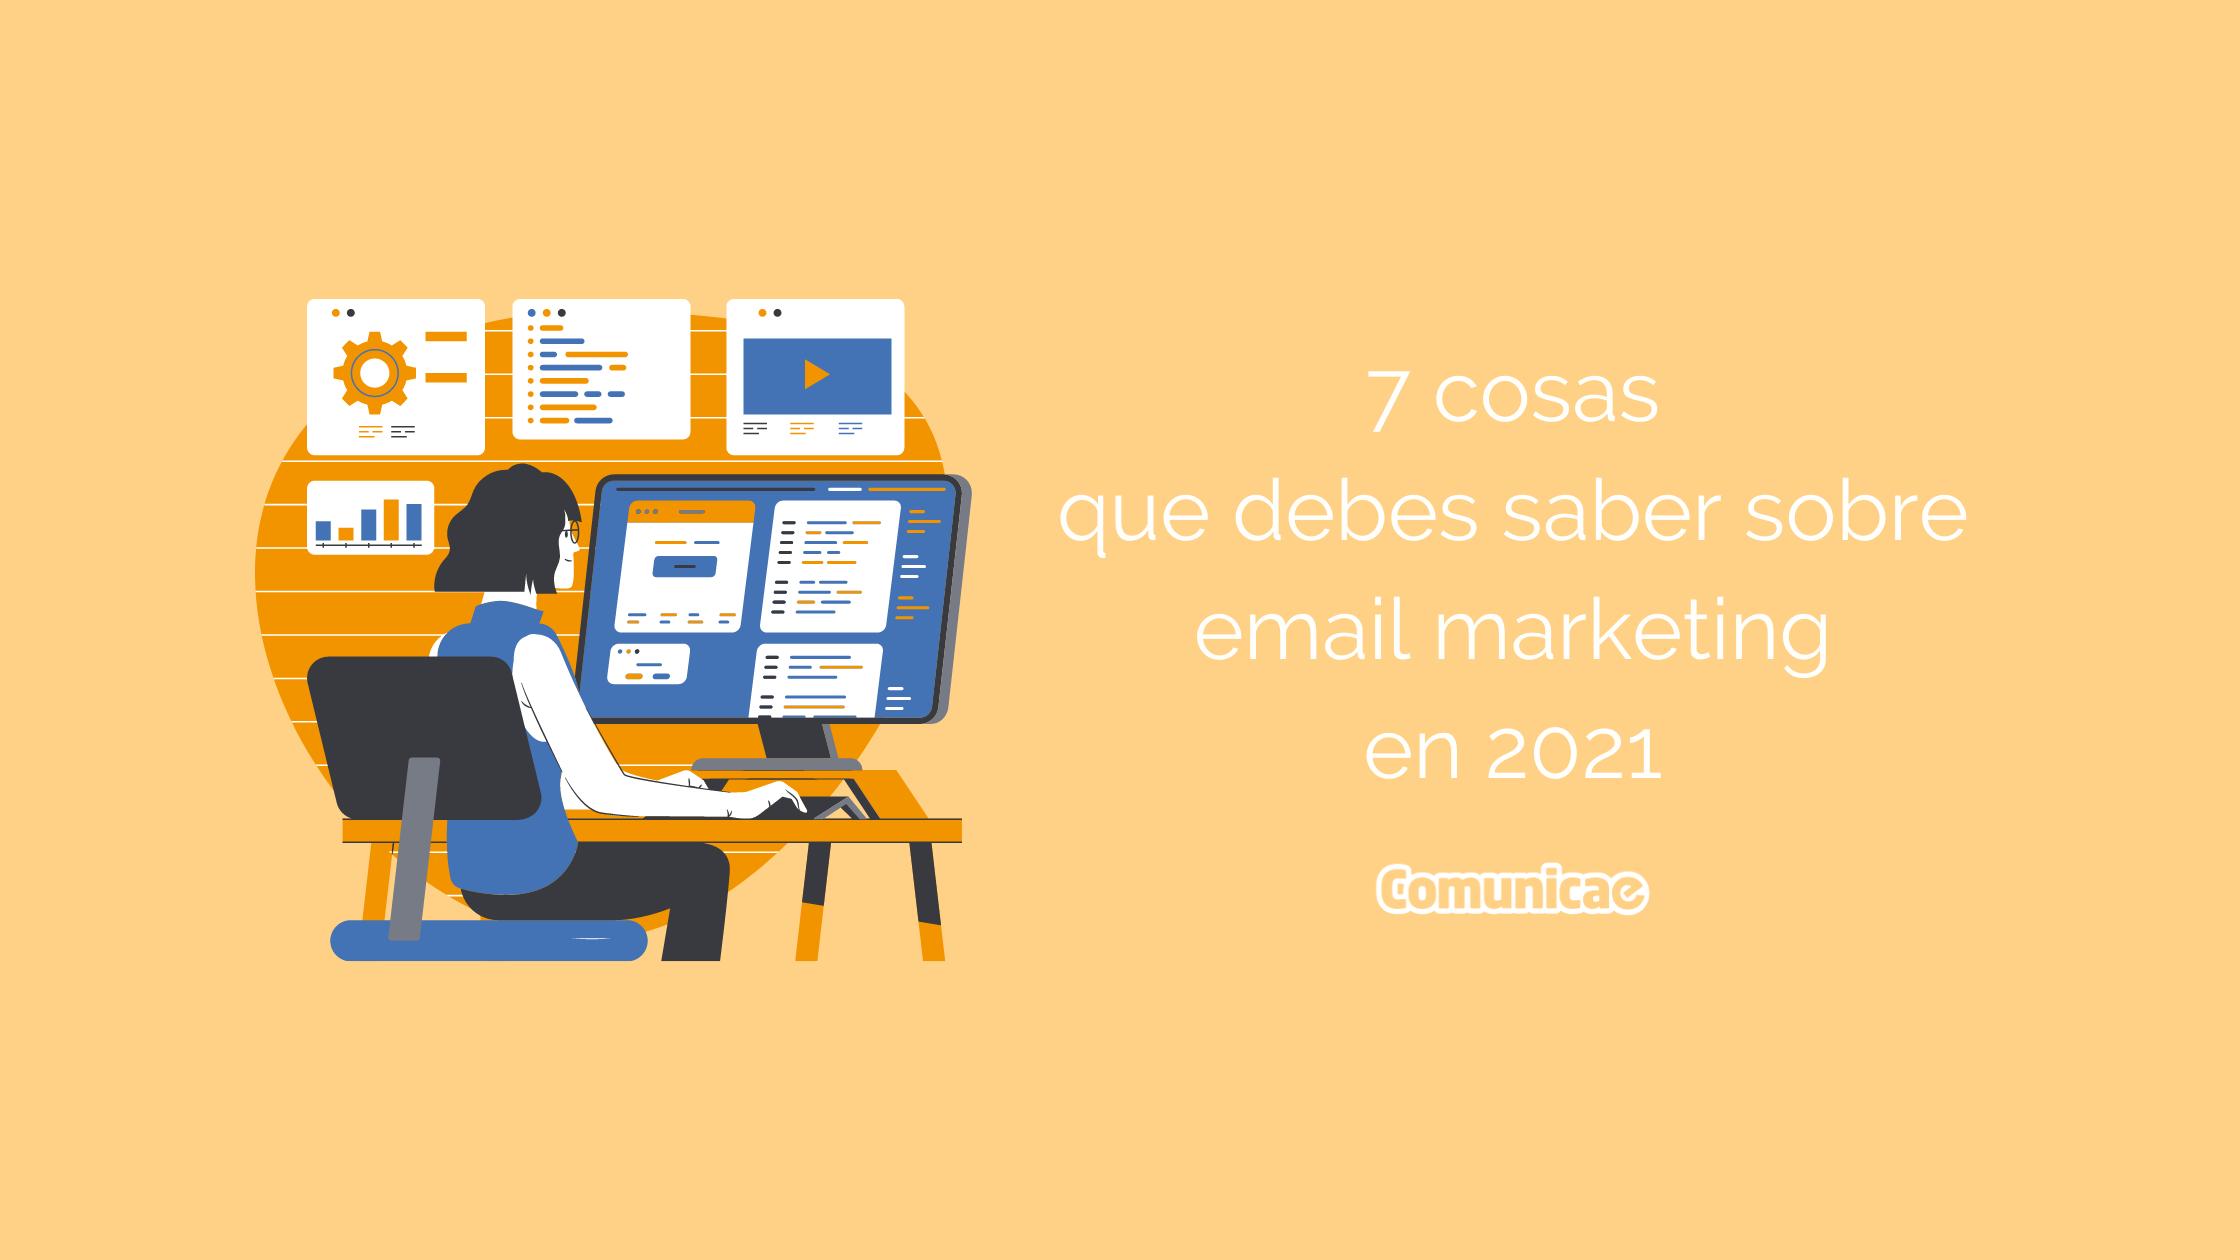 7 cosas que tienes que saber sobre email marketing en 2021